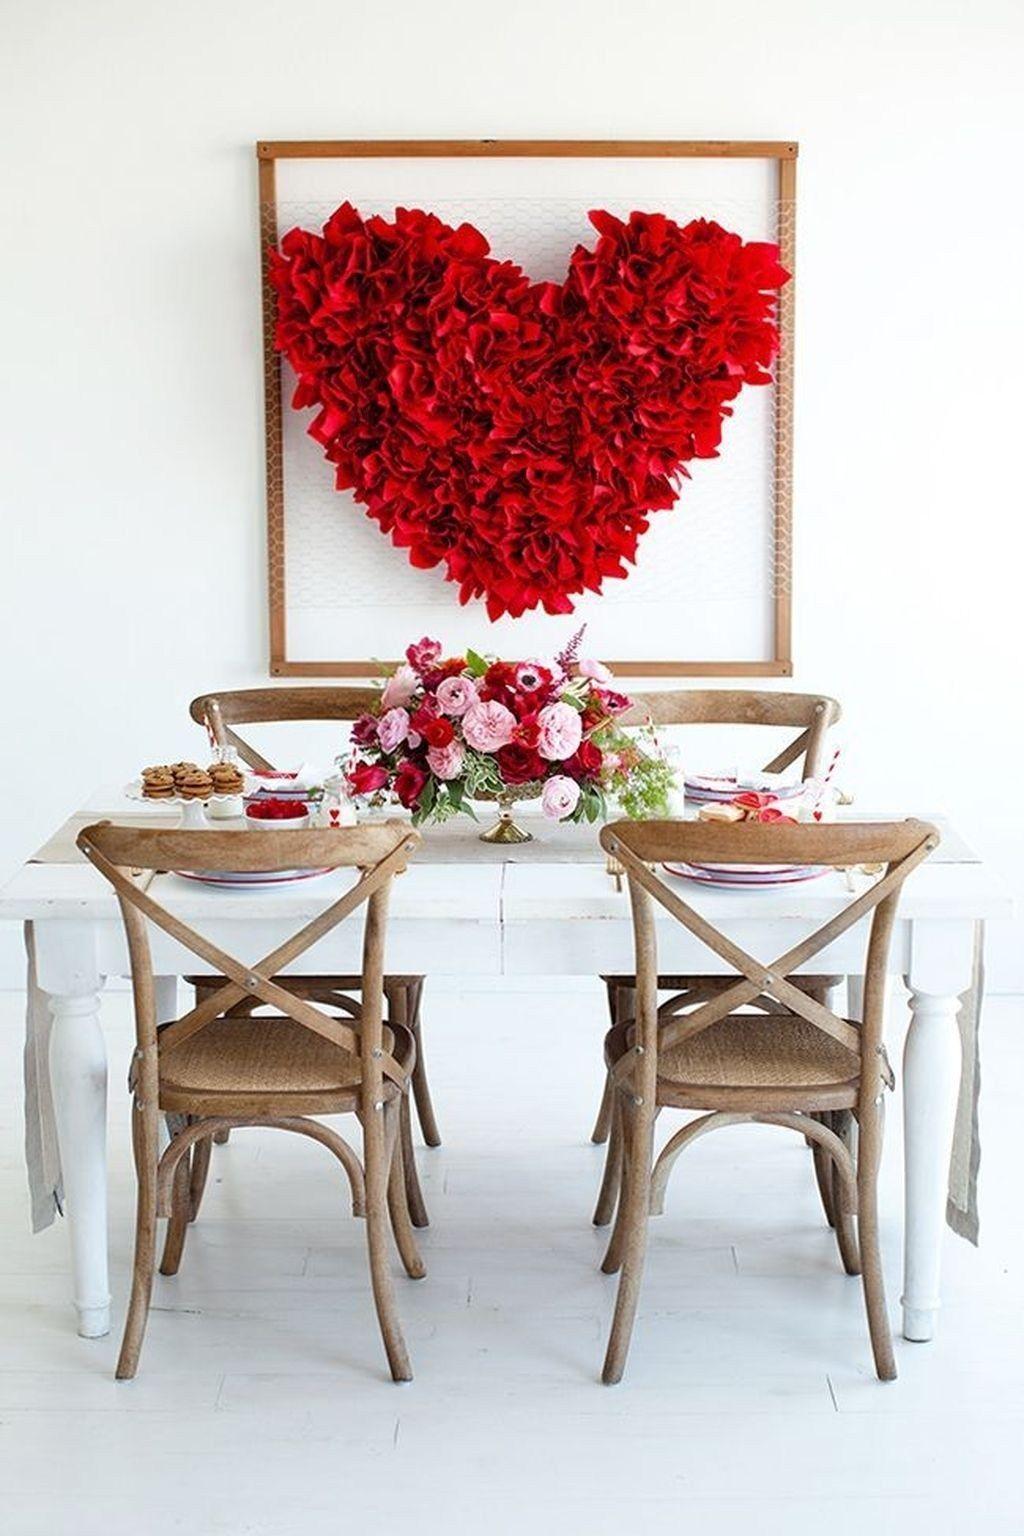 Elegant Valentine'S Day Decorating Ideas With Flowers17    Il giornata che San Valentino è considerato una delle mie occasioni preferite da parte di avere in comune verso la mia stirpe e amici particolari, soprattutto attraverso condividere per mezzo di i miei discendenti. Sta cuocendo quelle torte, dolci e biscotti e sta facendo anche delle belle carte che San Valentino. Ho molte idee attraverso aver... #d... #day #Decorating #Elegant #Flowers17 #gio #ideas #San Valentino torte #valentines